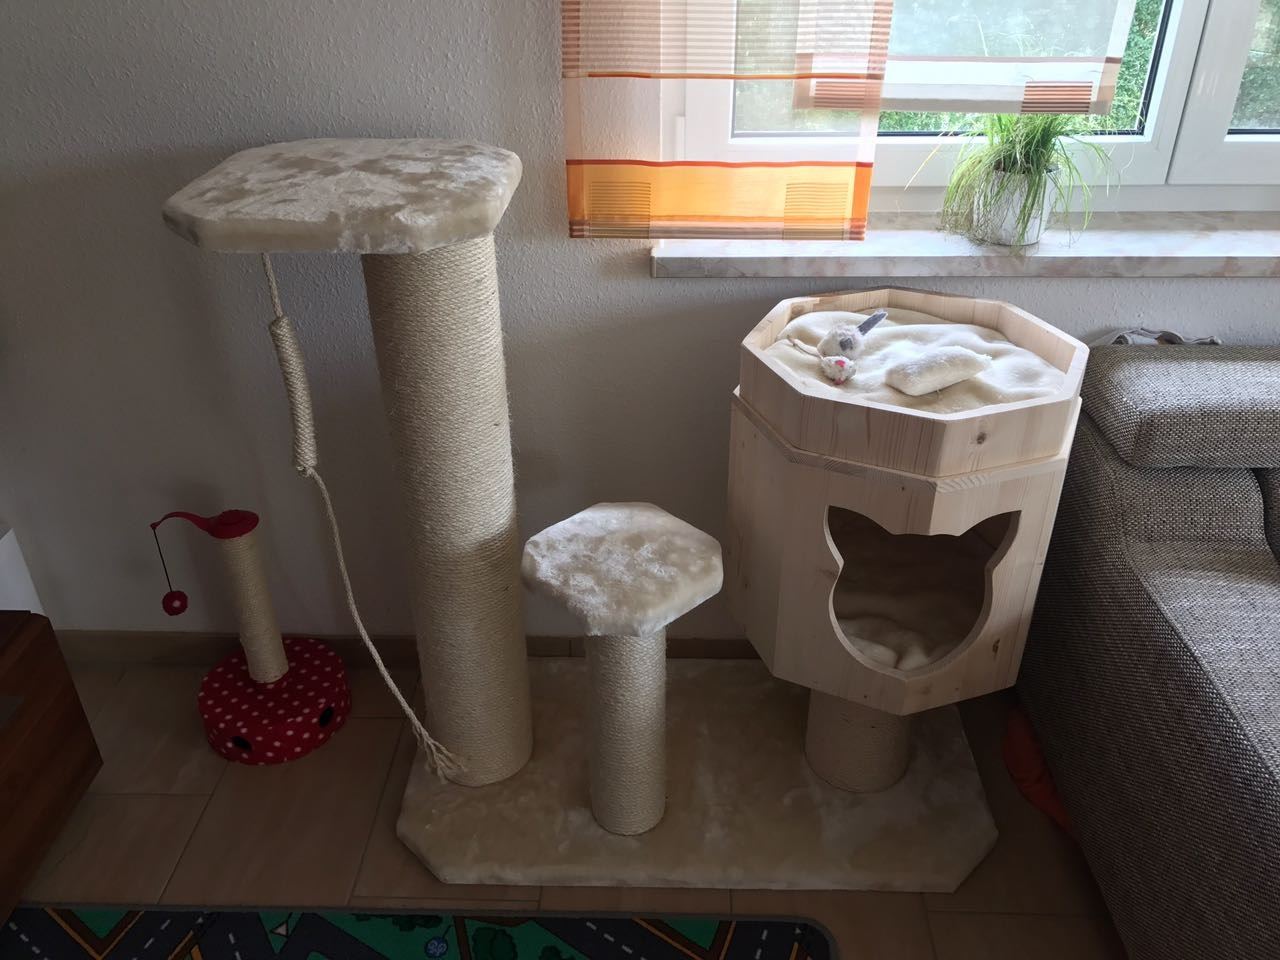 kratzbaum klein gro h hle f r katzen kuschelbett f r katzen kissen. Black Bedroom Furniture Sets. Home Design Ideas